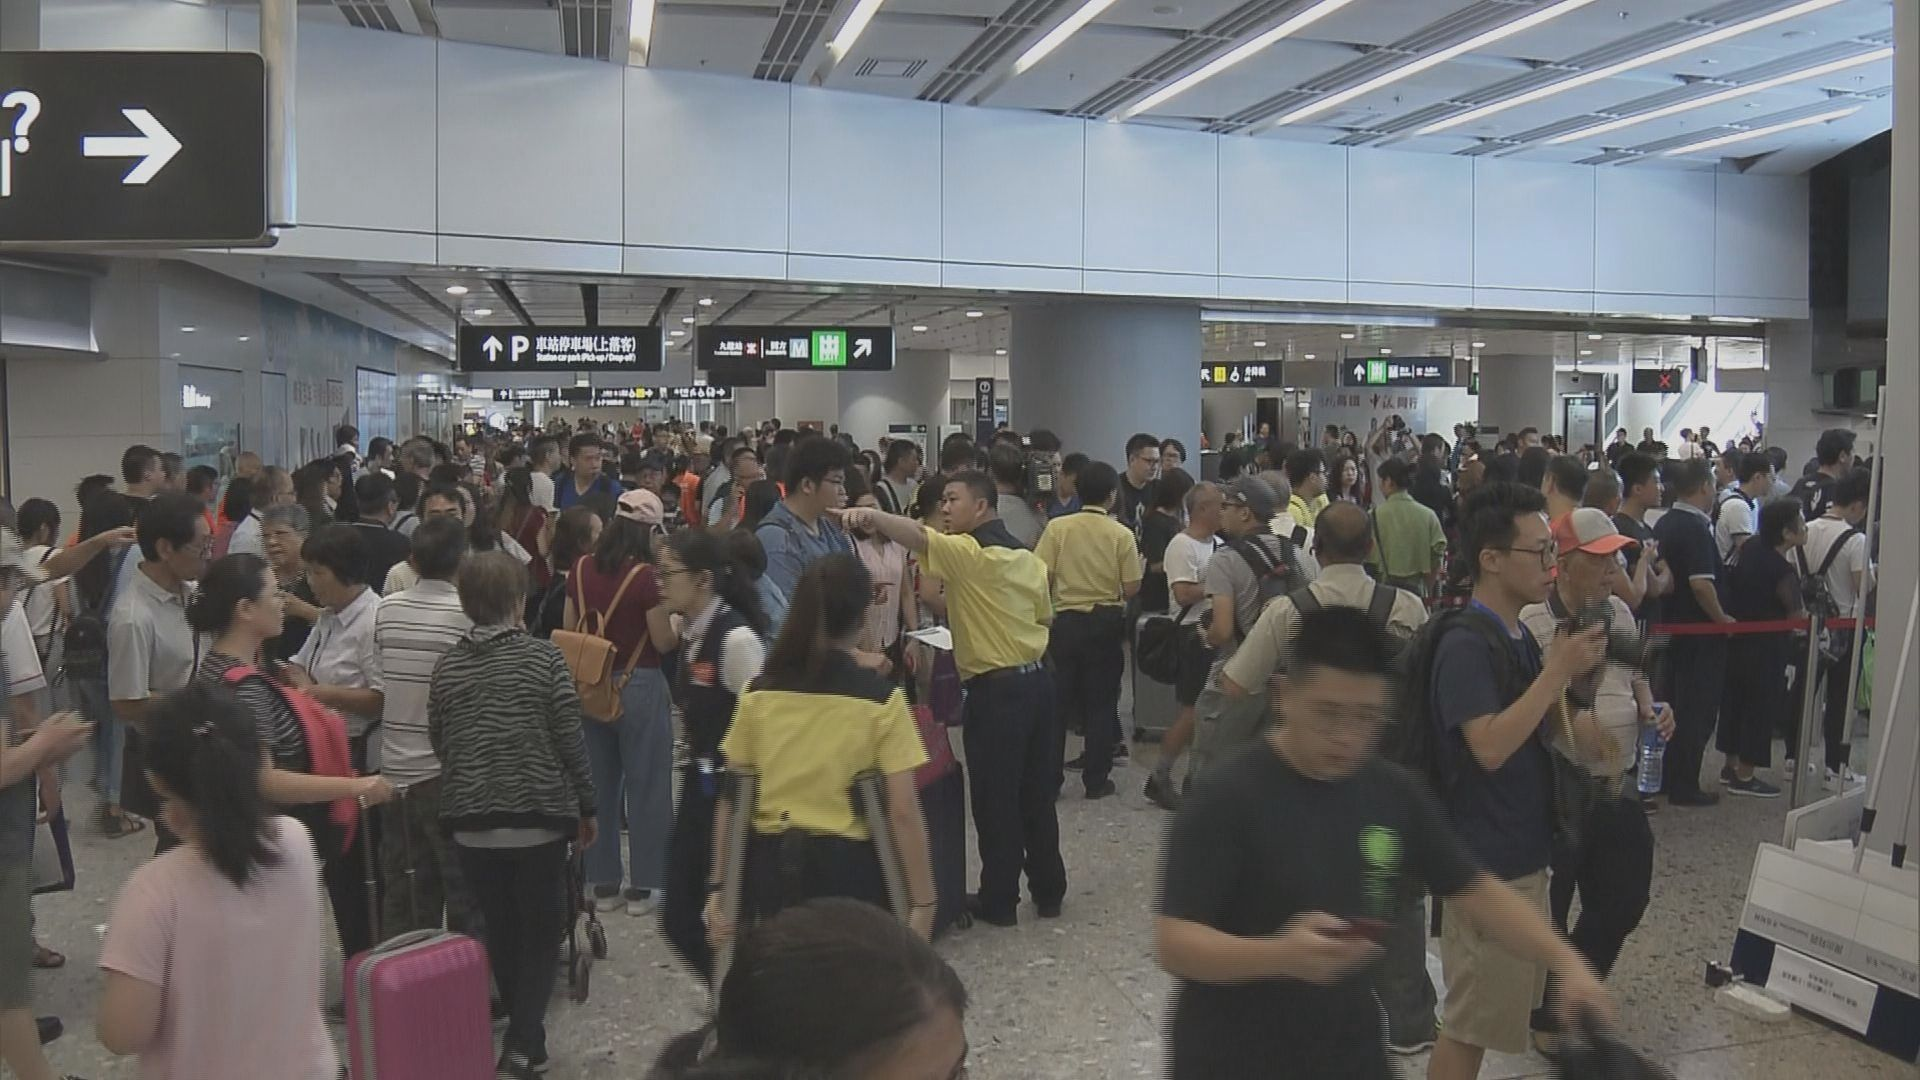 港鐵呼籲高鐵乘客預留更多時間取票